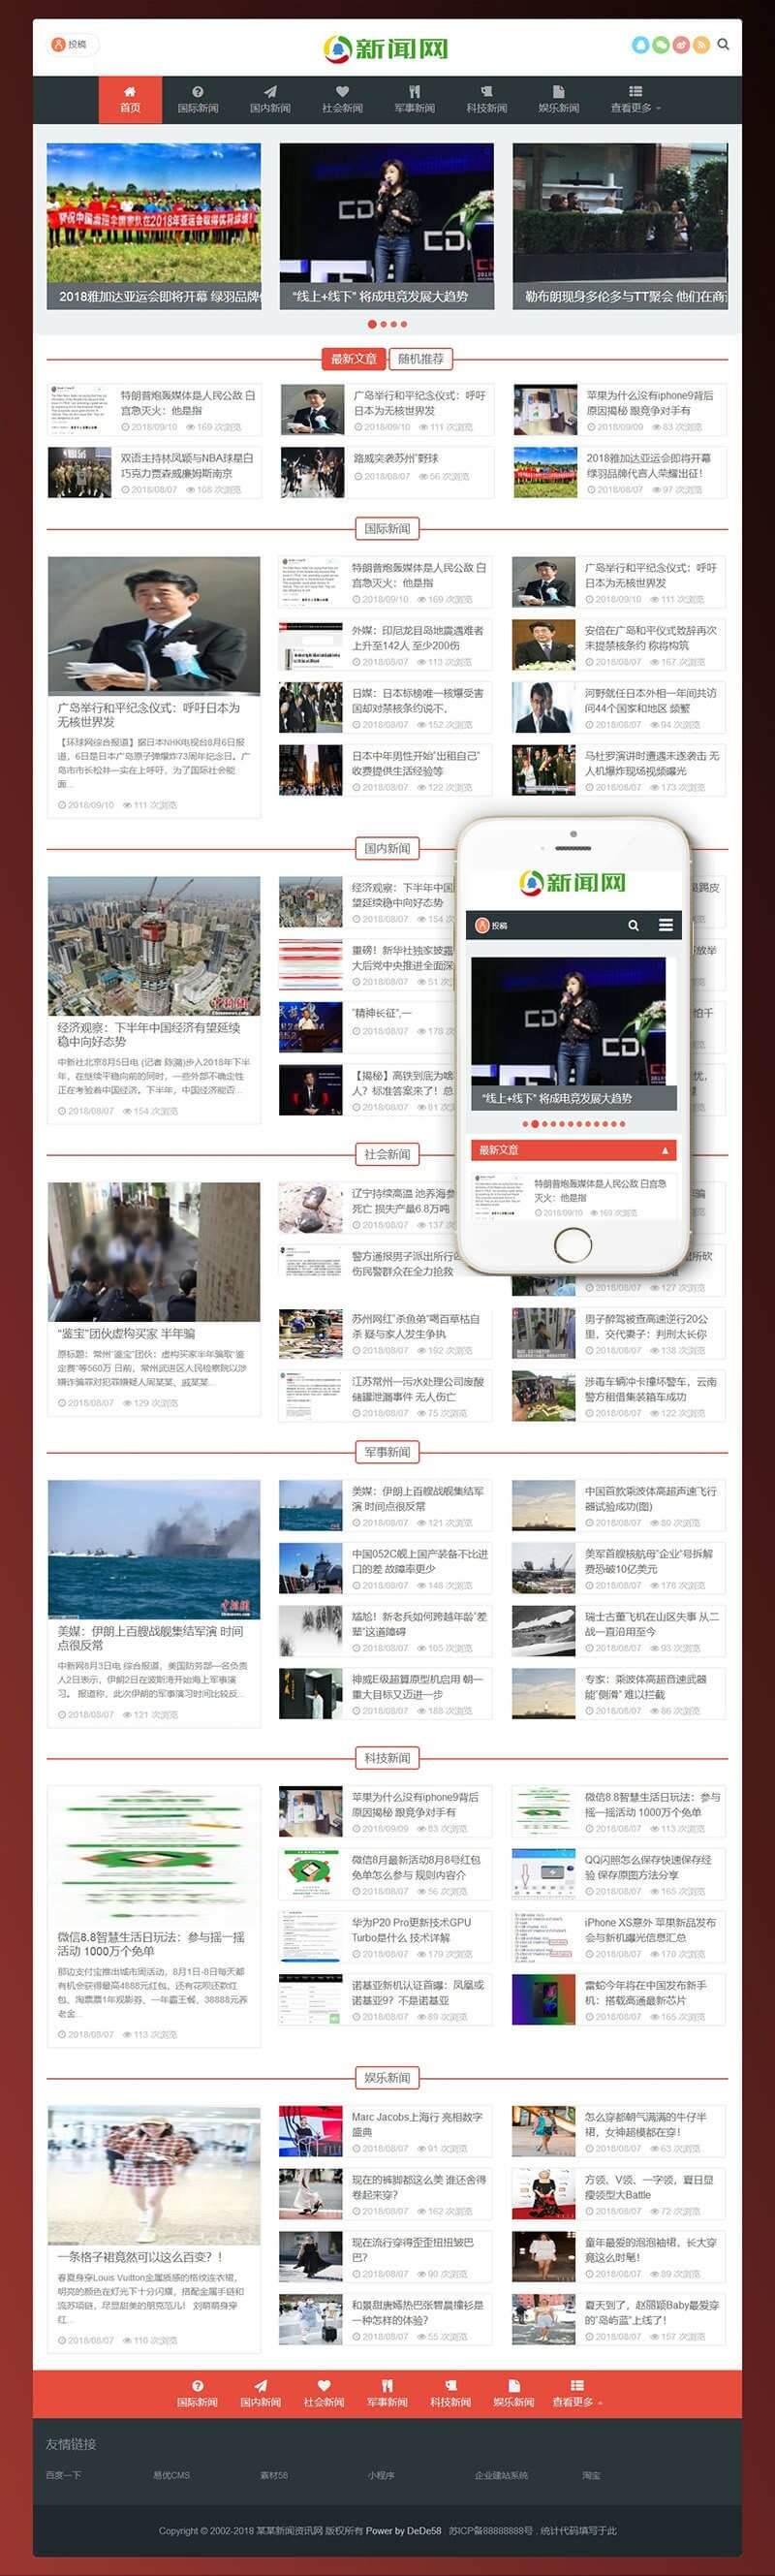 【织梦模板下载】自适应新闻博客资讯类vip精品网站模板(带会员投稿)整站源码分享